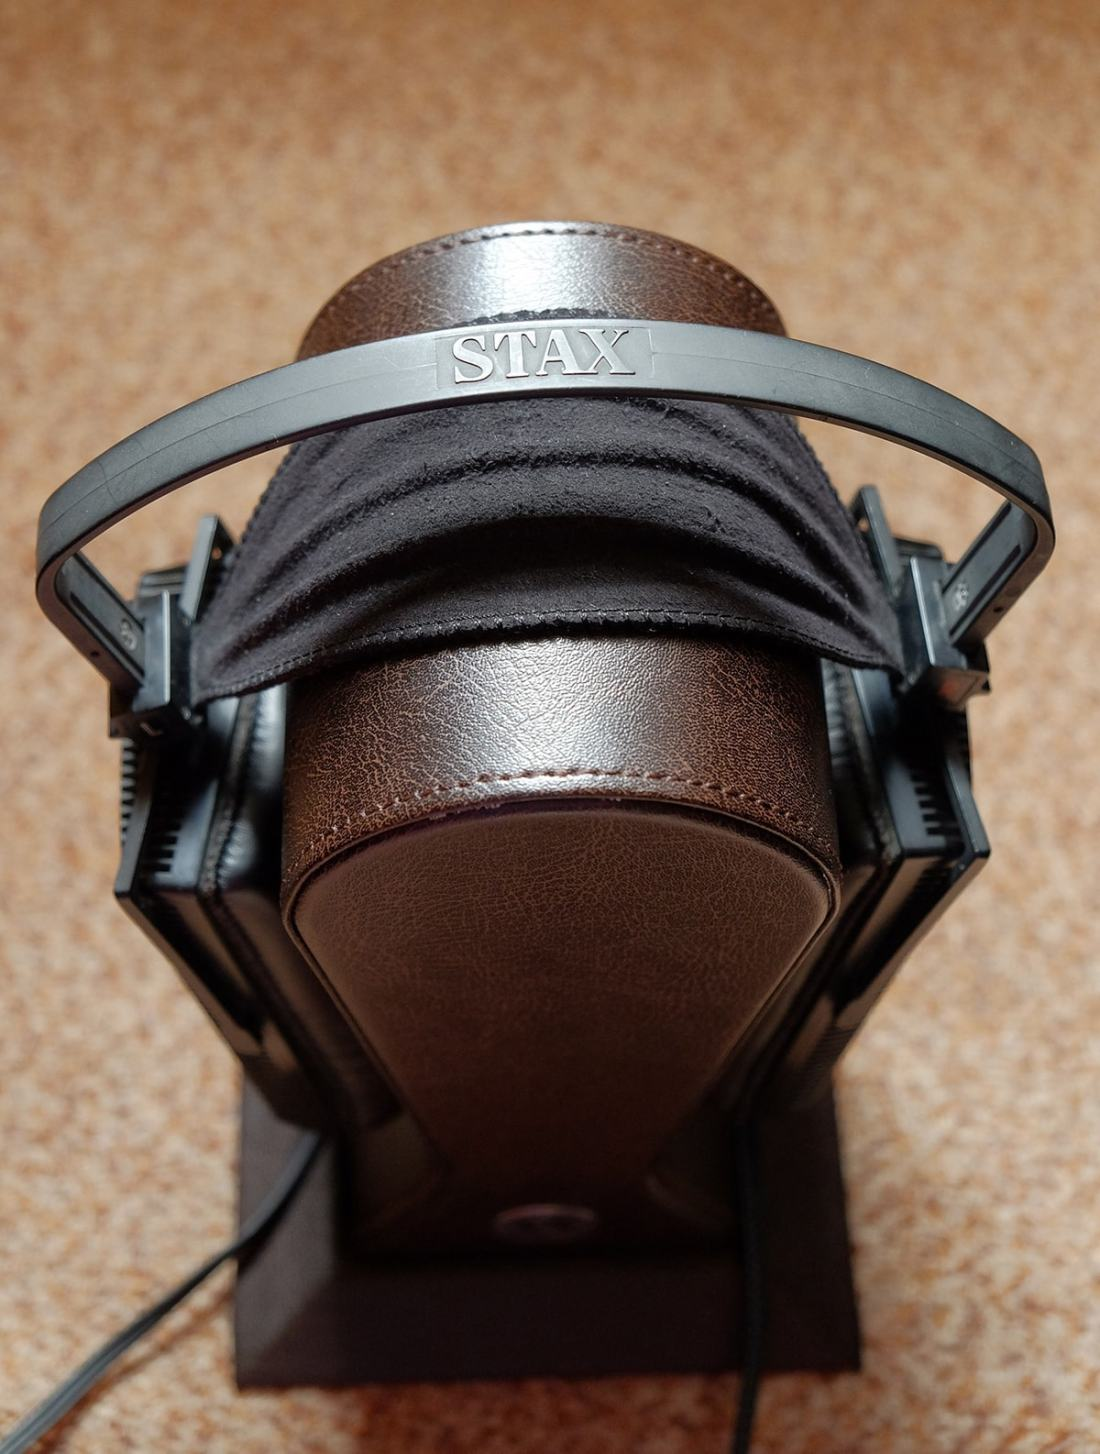 Headband assembly with cloth headpad